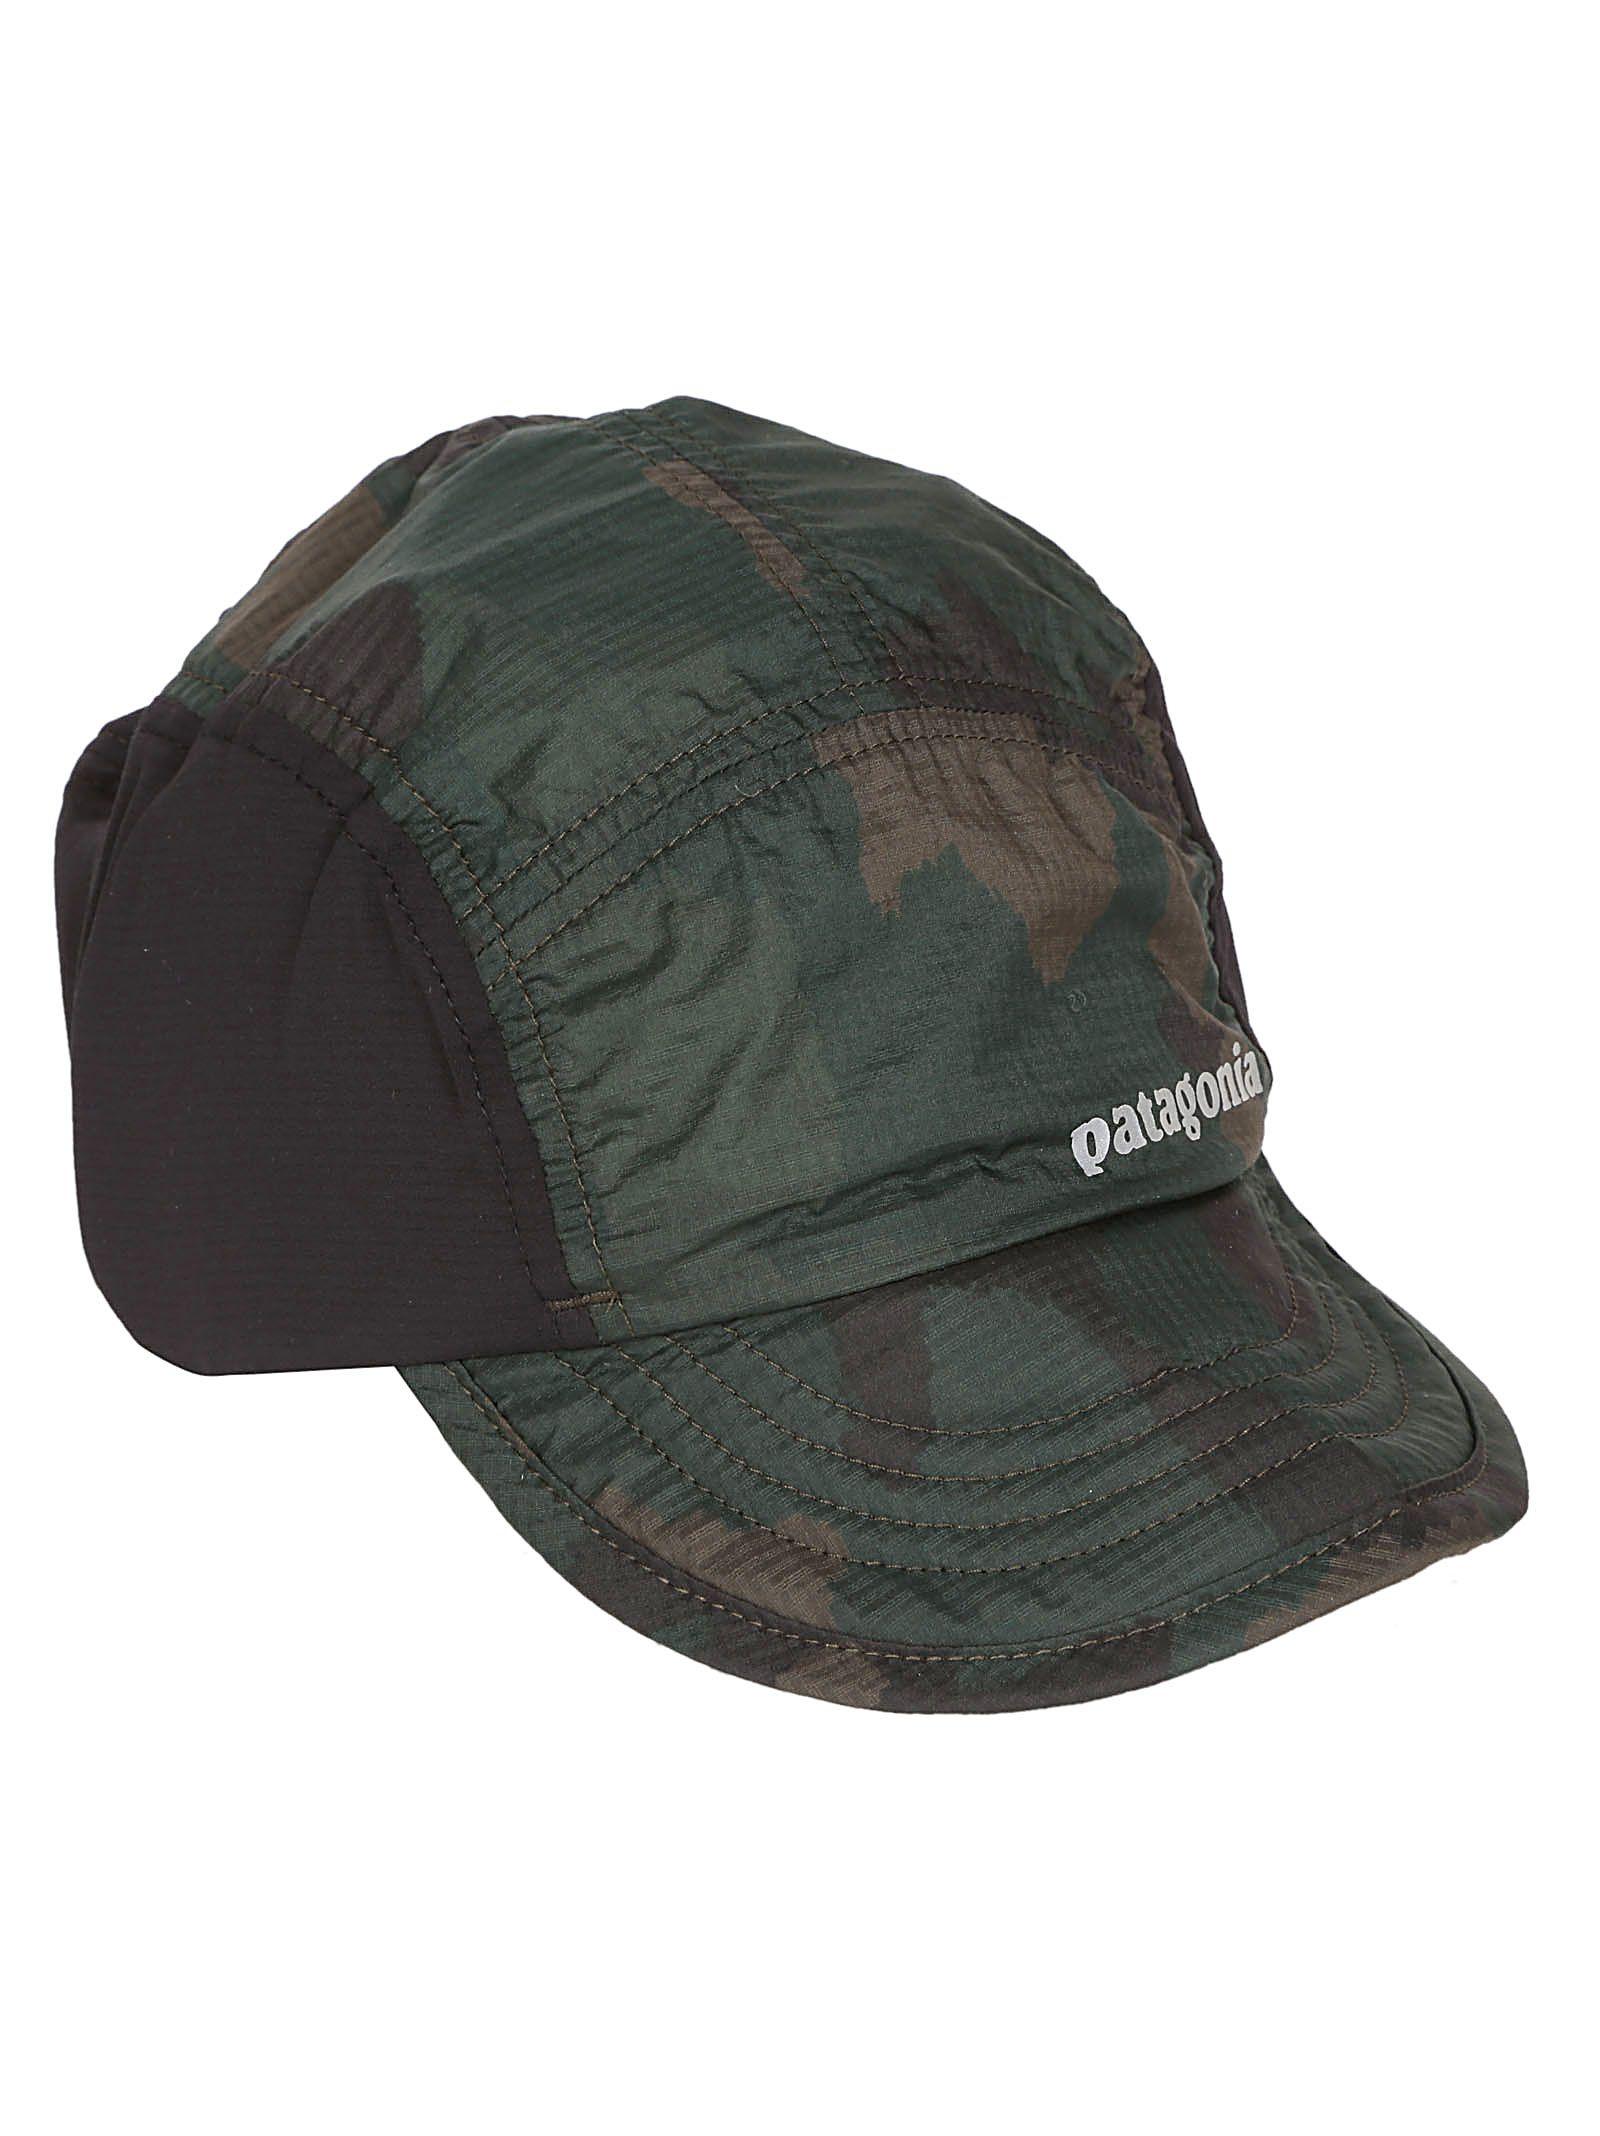 Patagonia Patagonia Camouflage Hat - Bcsg - 10756734  b224128576d